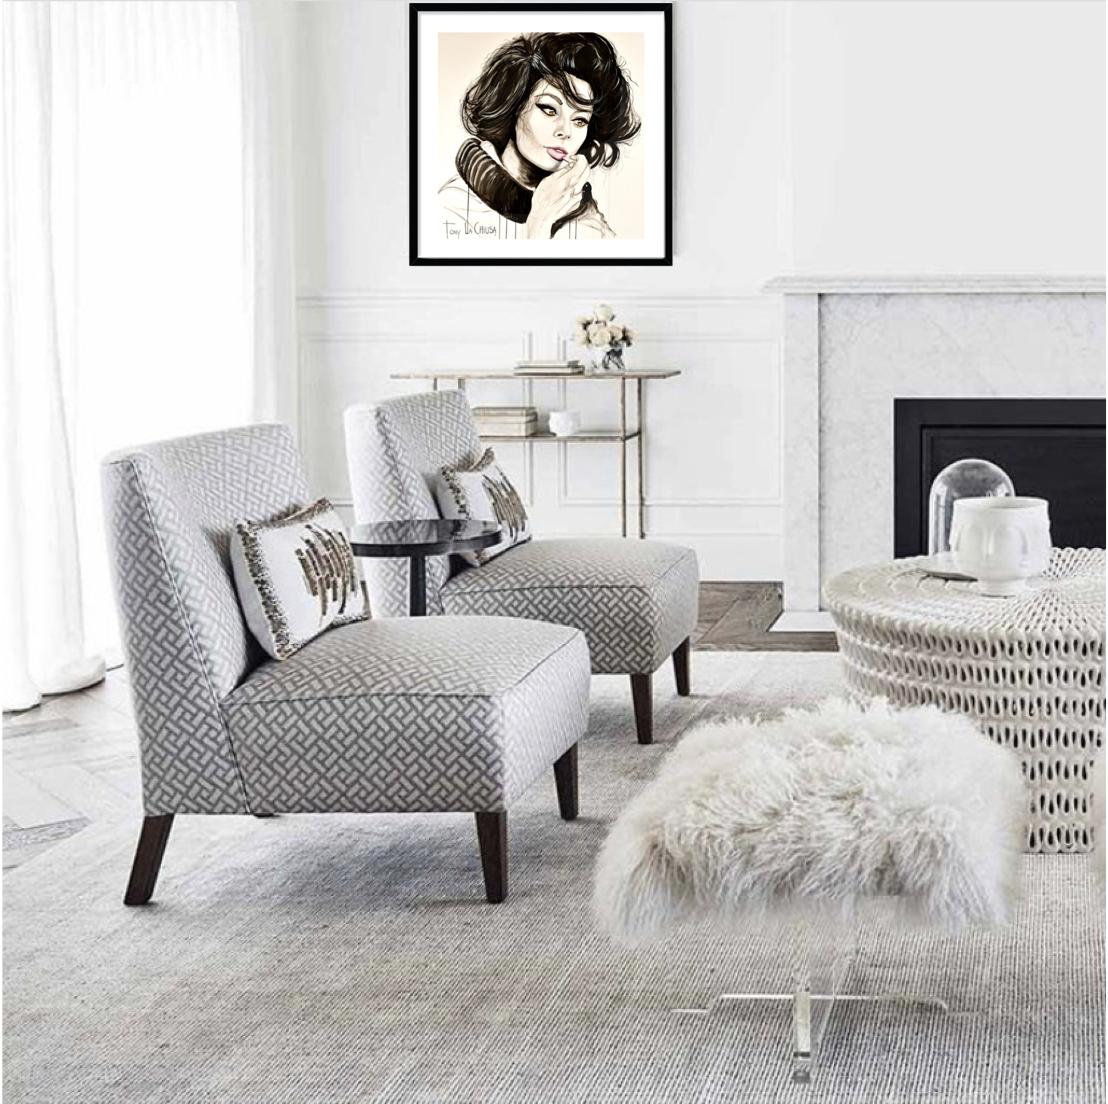 Sophia Loren Framed Print 70cm x 70cm in your choice of Black, White or Oak frame from $880